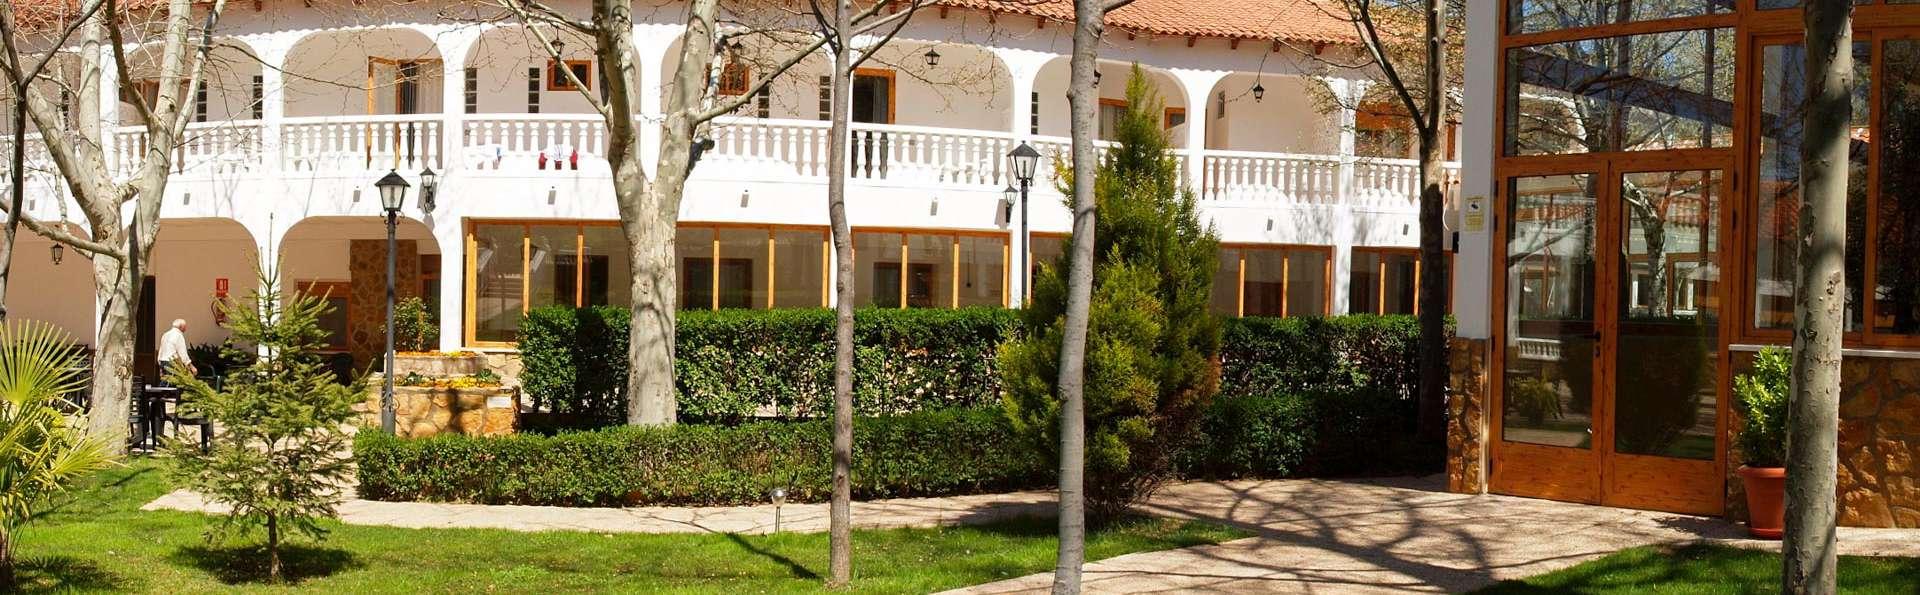 Hotel Esperanza Balneario - EDIT_EXTEROR_01.jpg